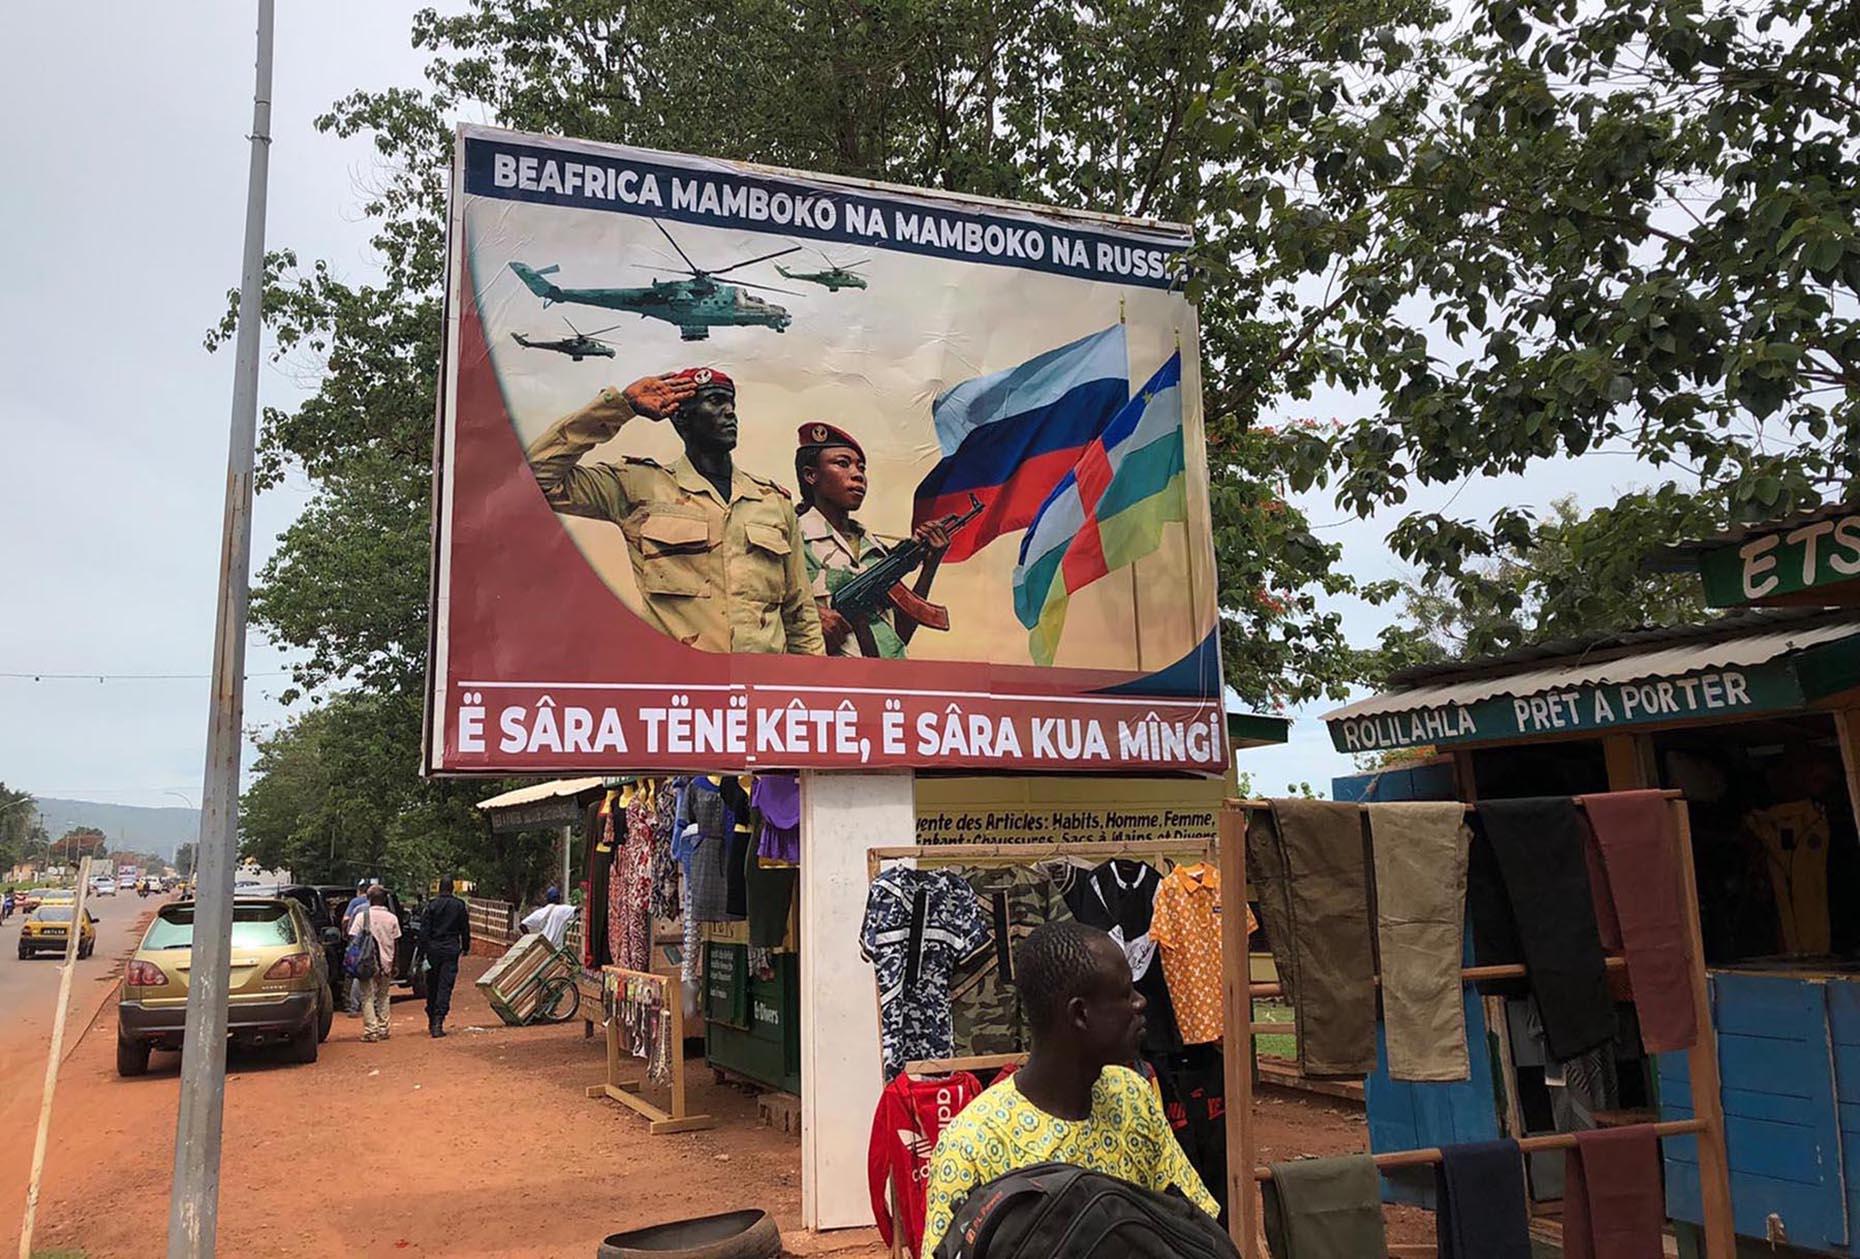 Đội quân bí mật của Nga đổ bộ vào quốc gia Trung Phi như thế nào? - Hình 1